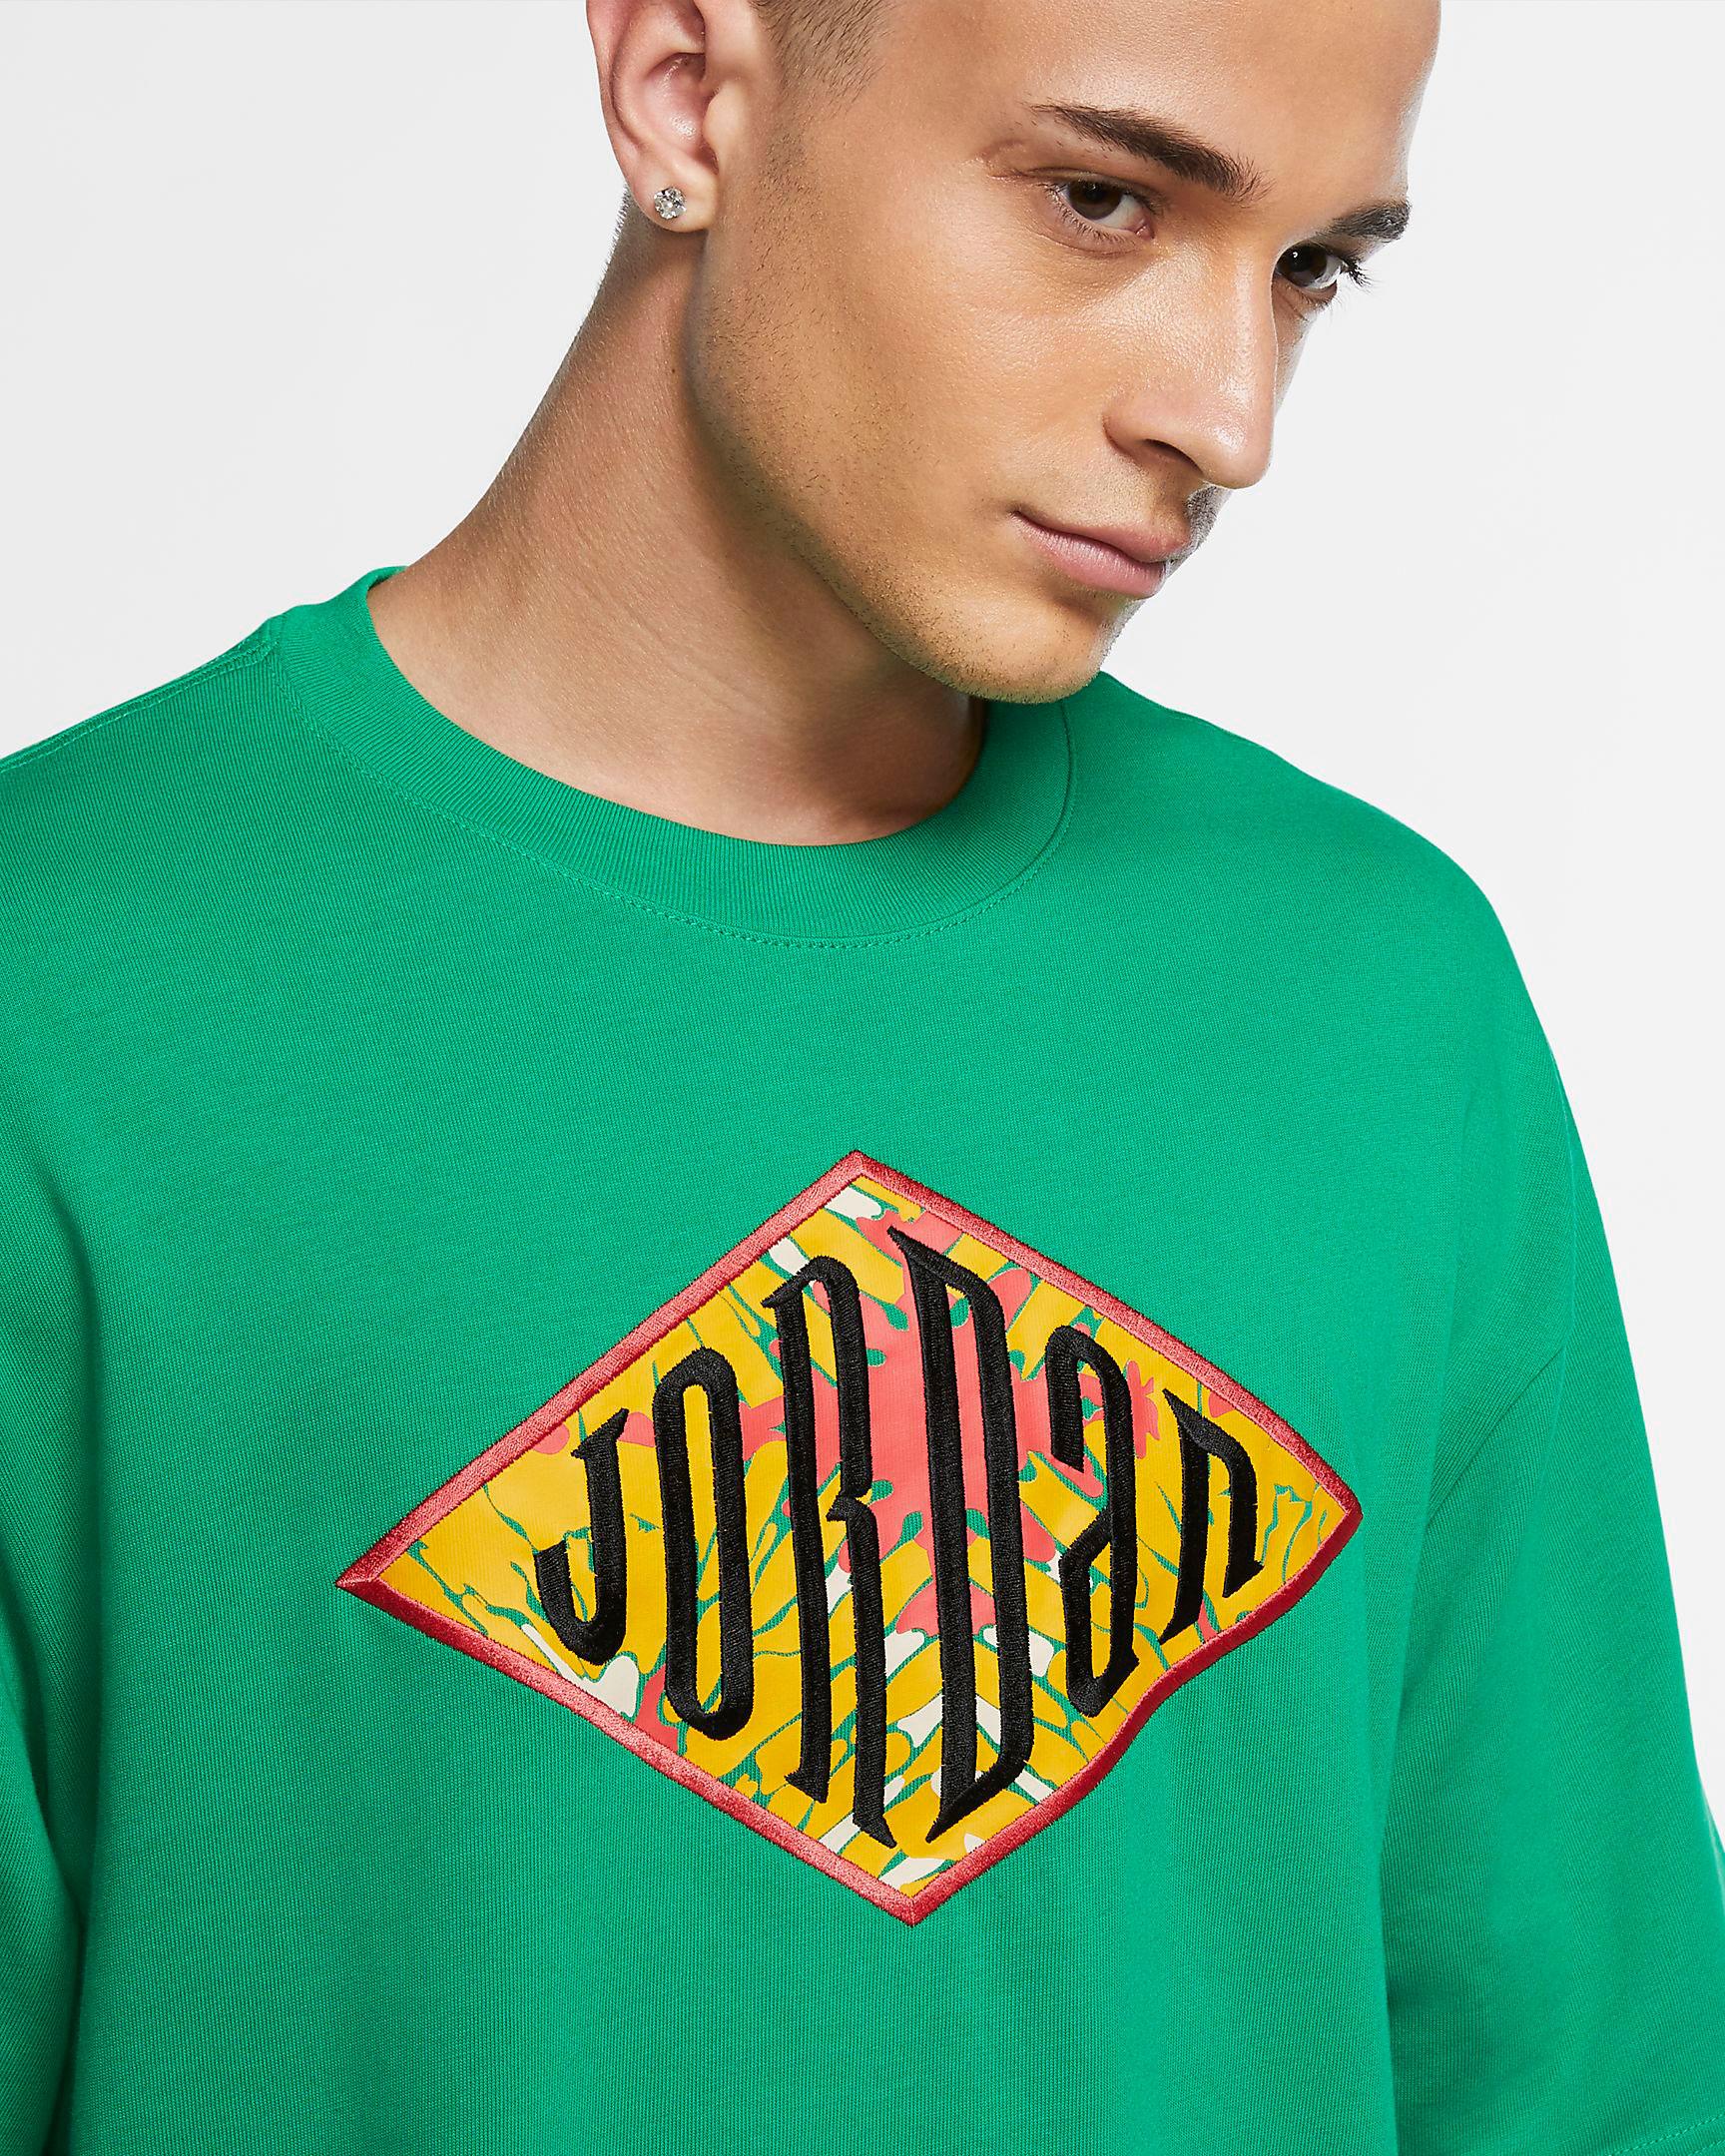 air-jordan-13-lucky-green-shirt-match